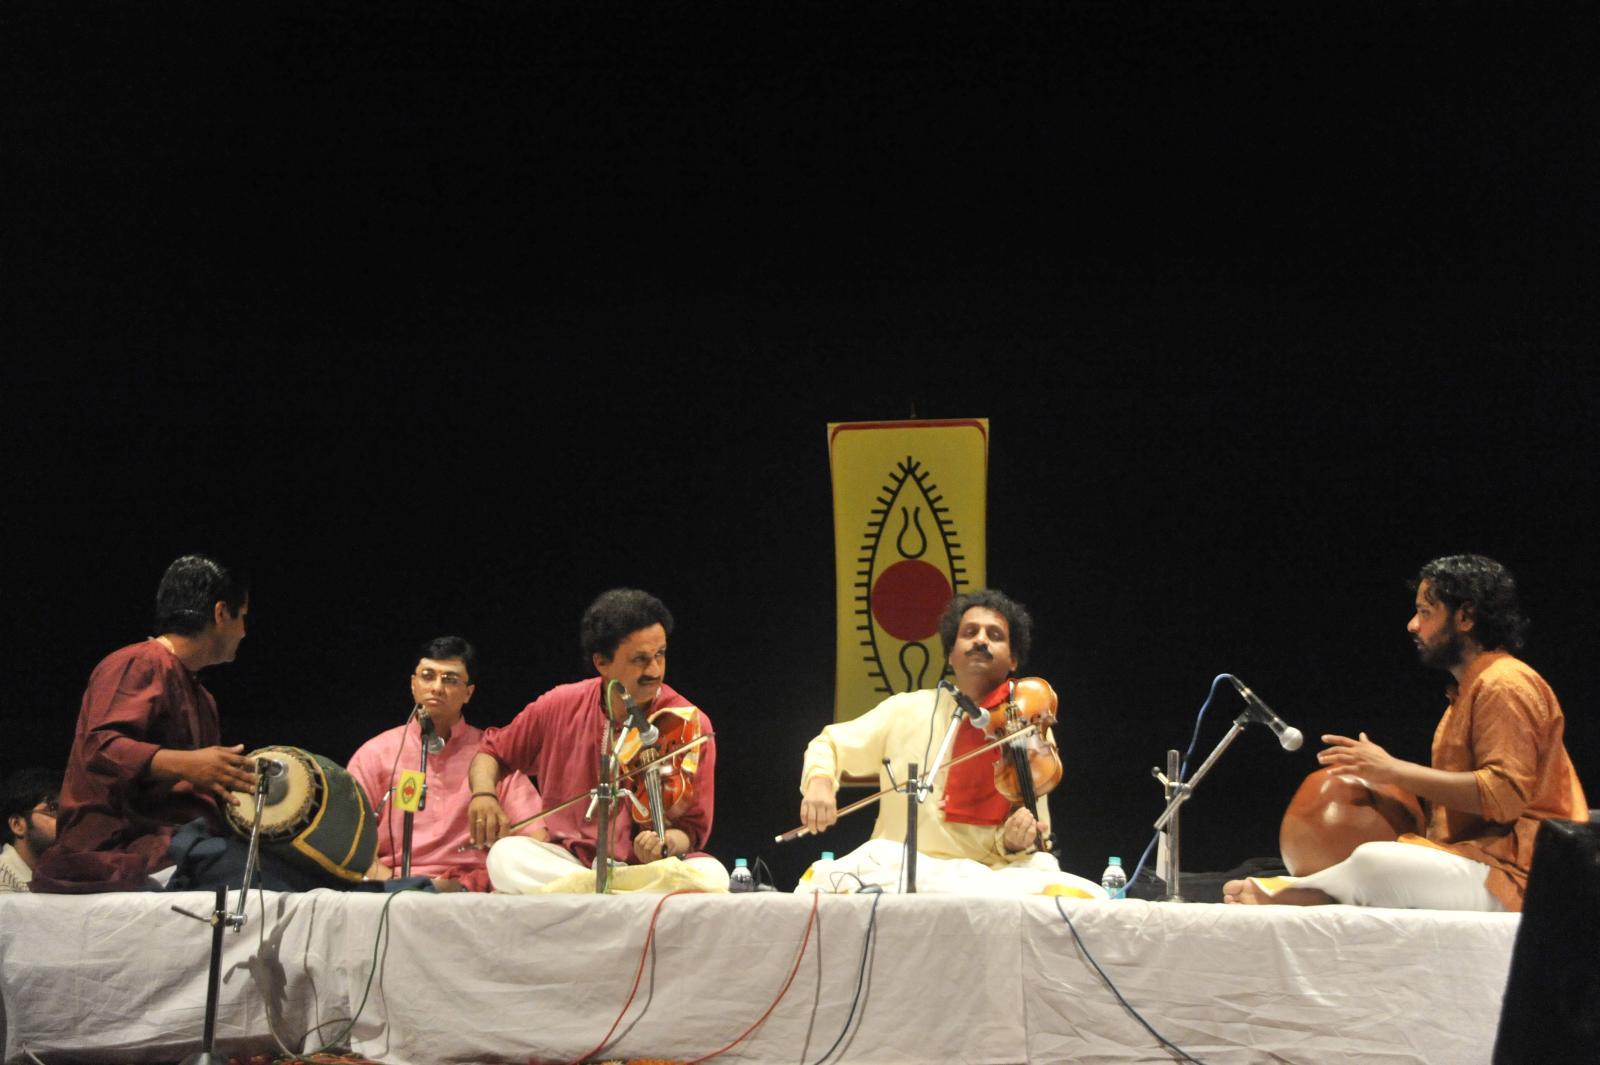 Violin virtuosos Mysore brothers